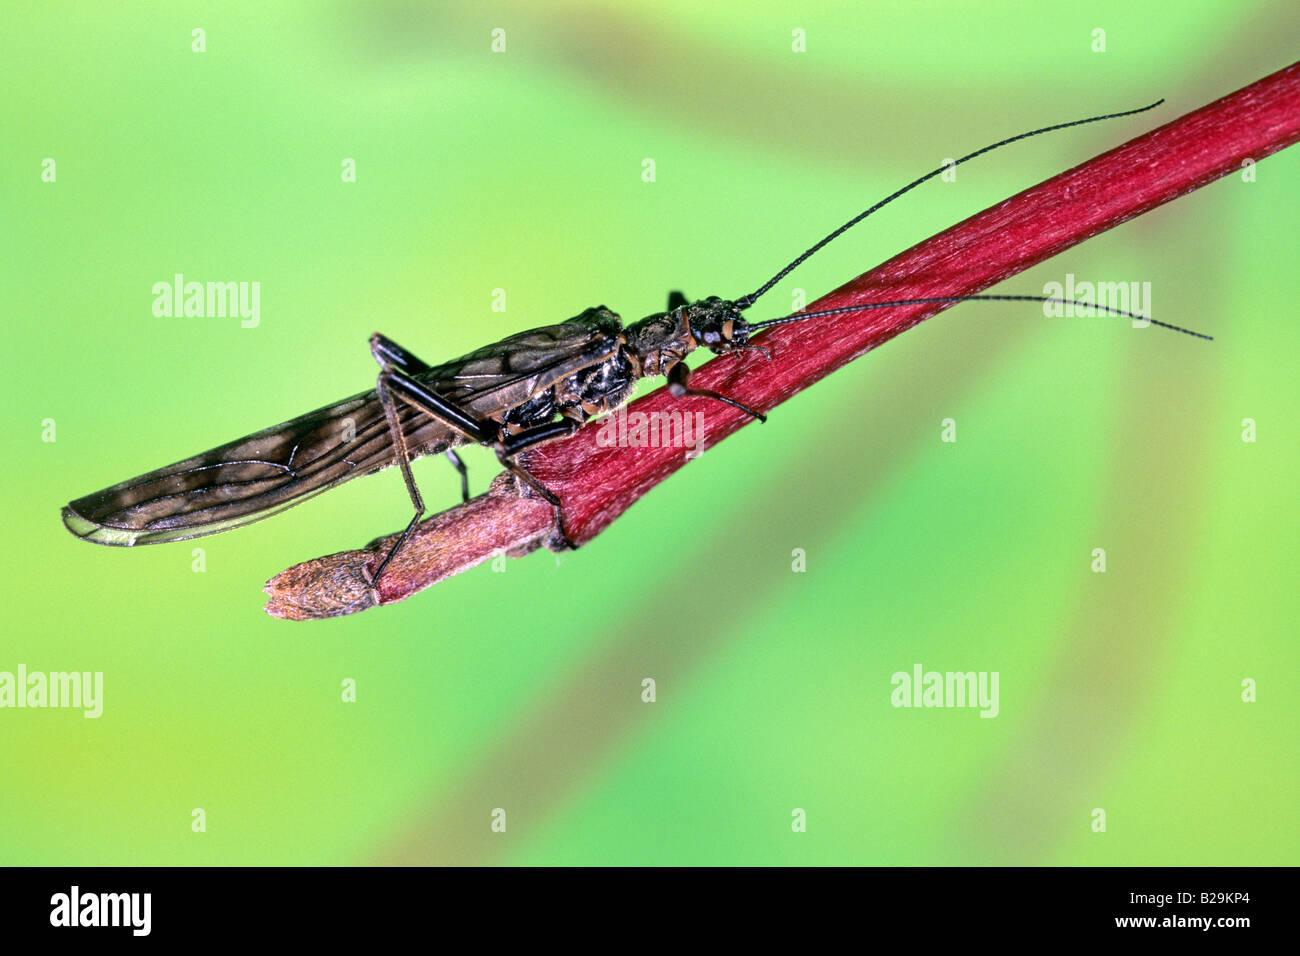 Stonefly (Plecoptera), imago on twig - Stock Image